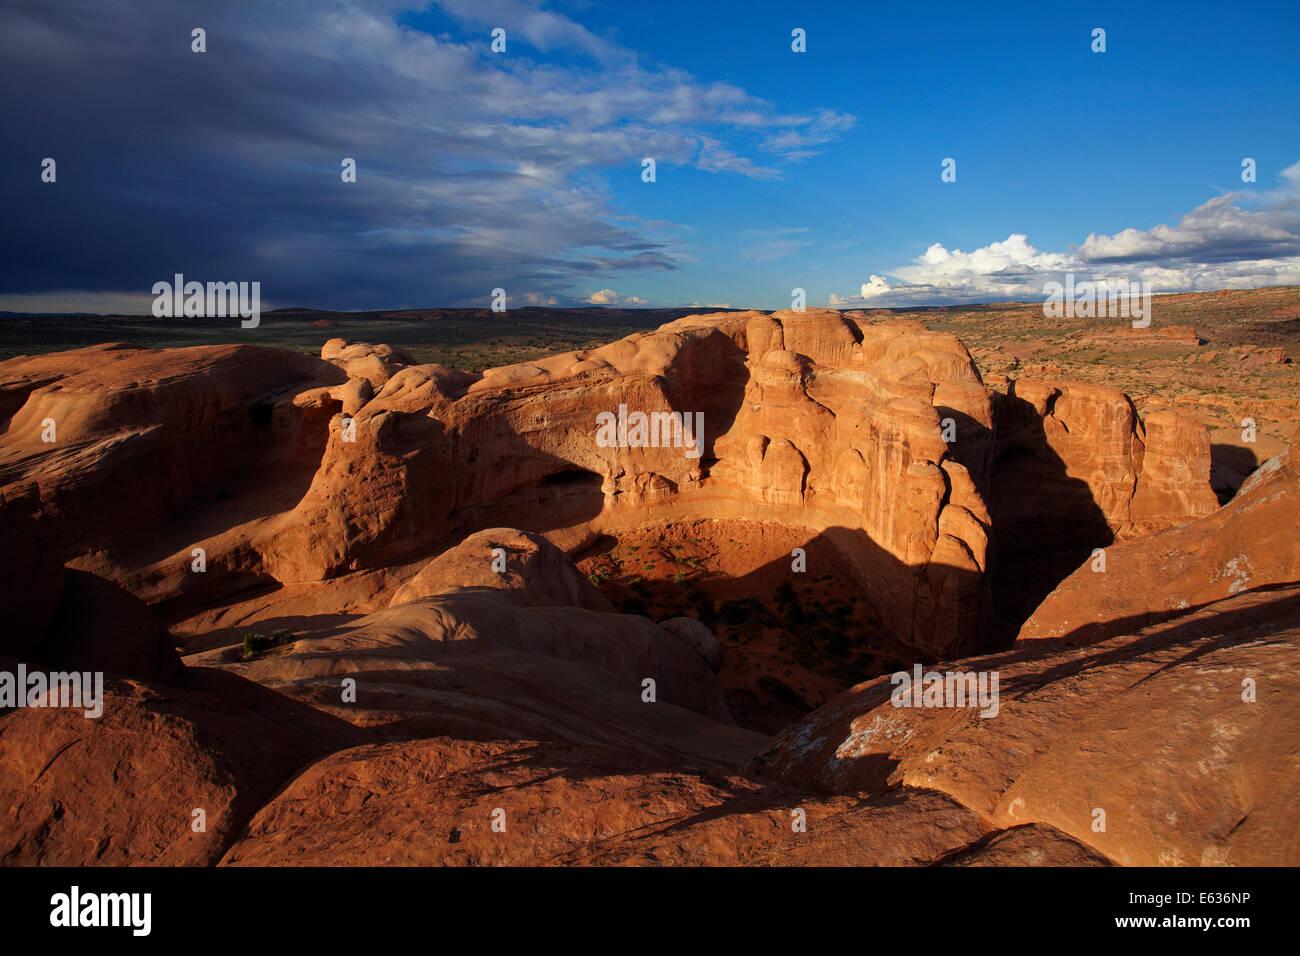 Formaciones rocosas erosionadas cerca de Arco delicado y acercándose a nubes de tormenta, el Parque Nacional Imagen De Stock